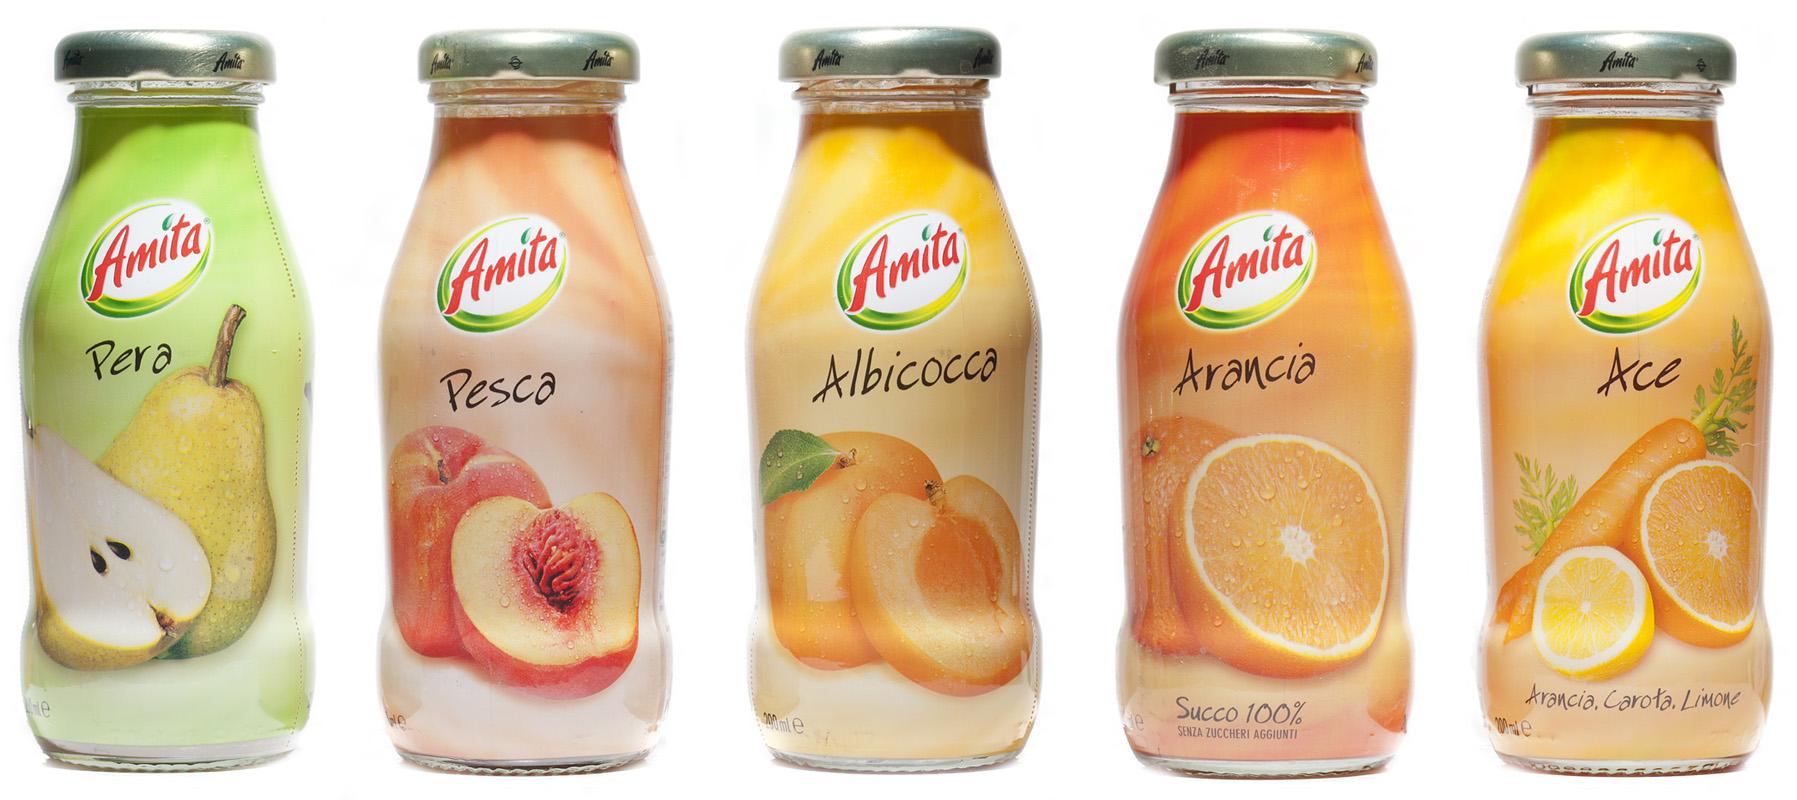 Amita nasce in Grecia agli inizi degli anni Ottanta, ed è proposta in Italia in 14 gusti che vanno dai tradizionali nettari, ai succhi 100% per arrivare ai gusti mix.